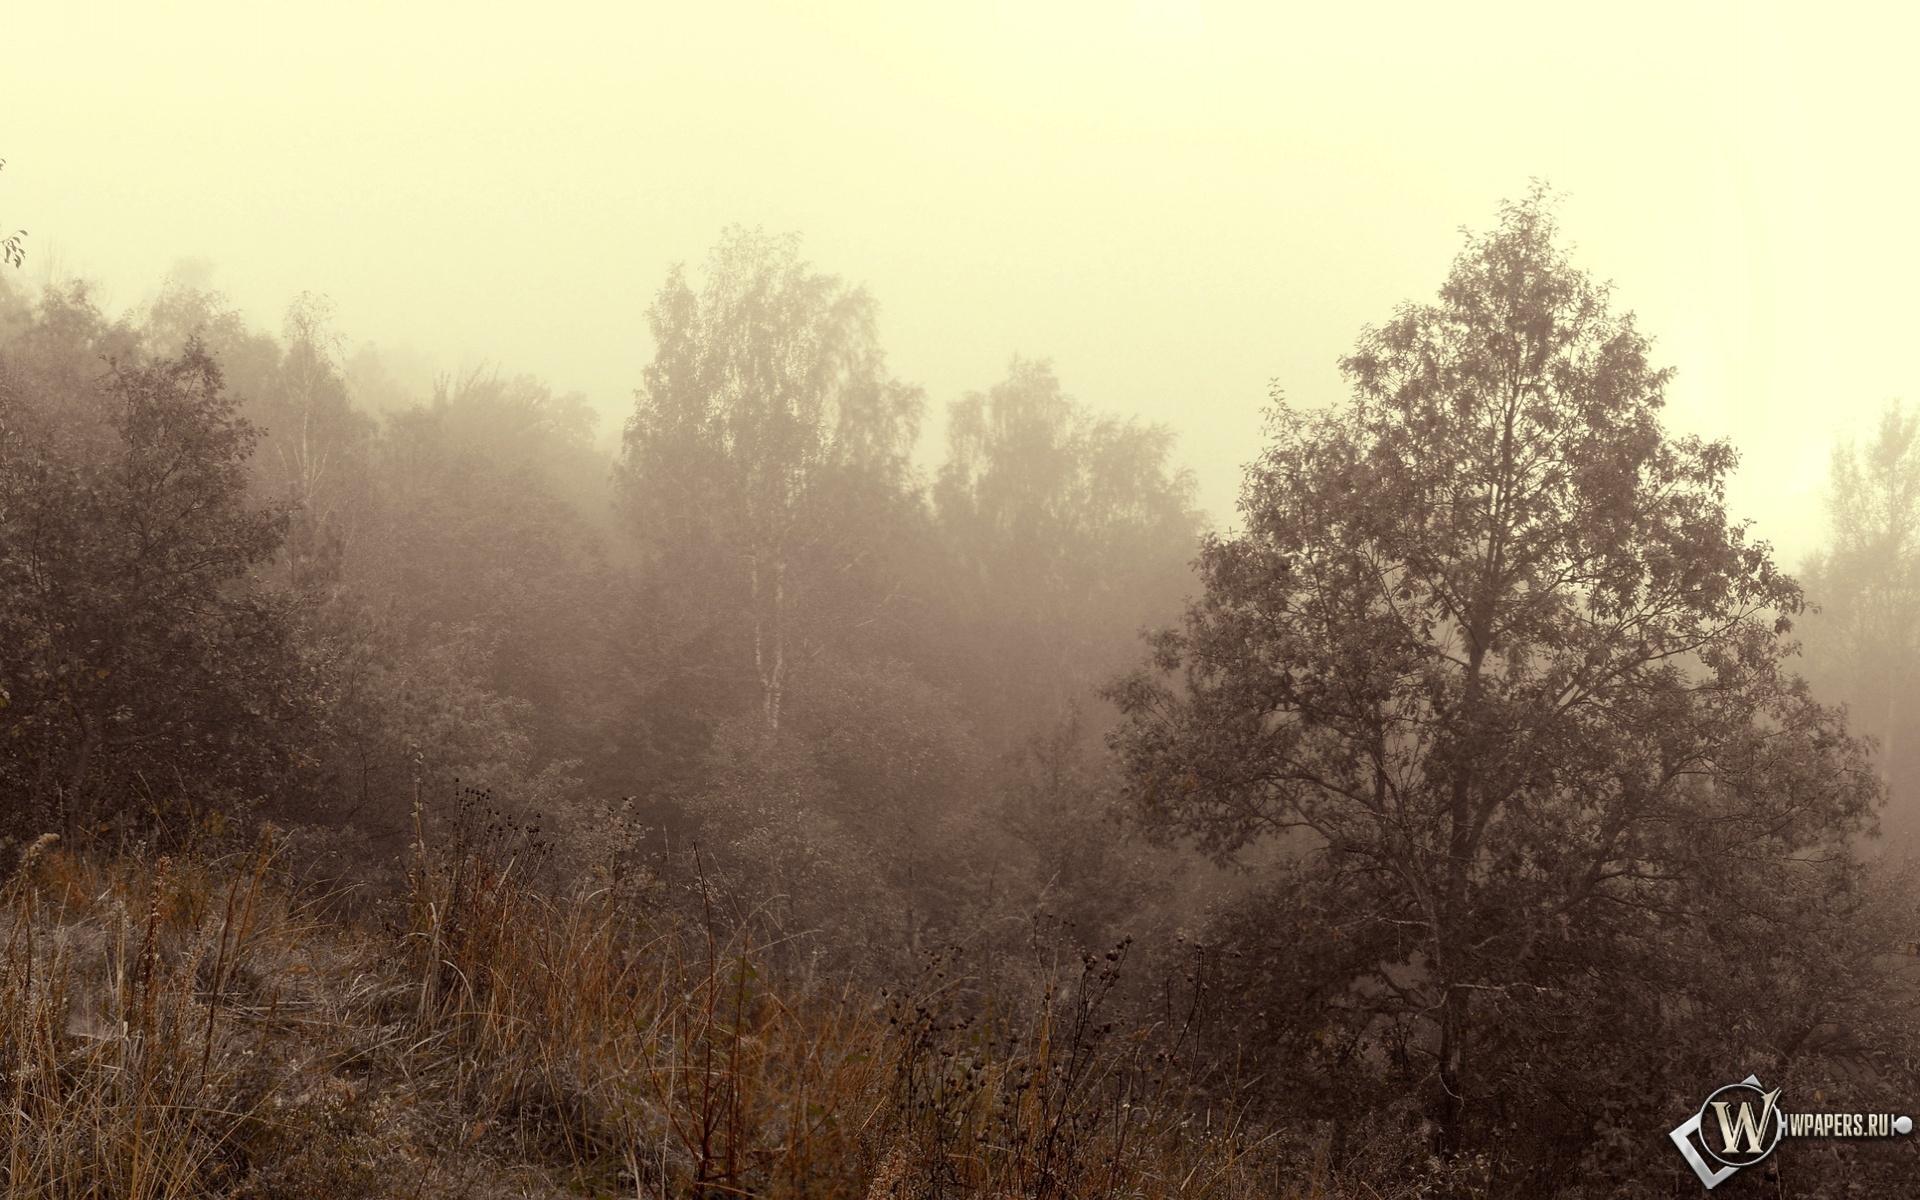 Осенний туман 1920x1200